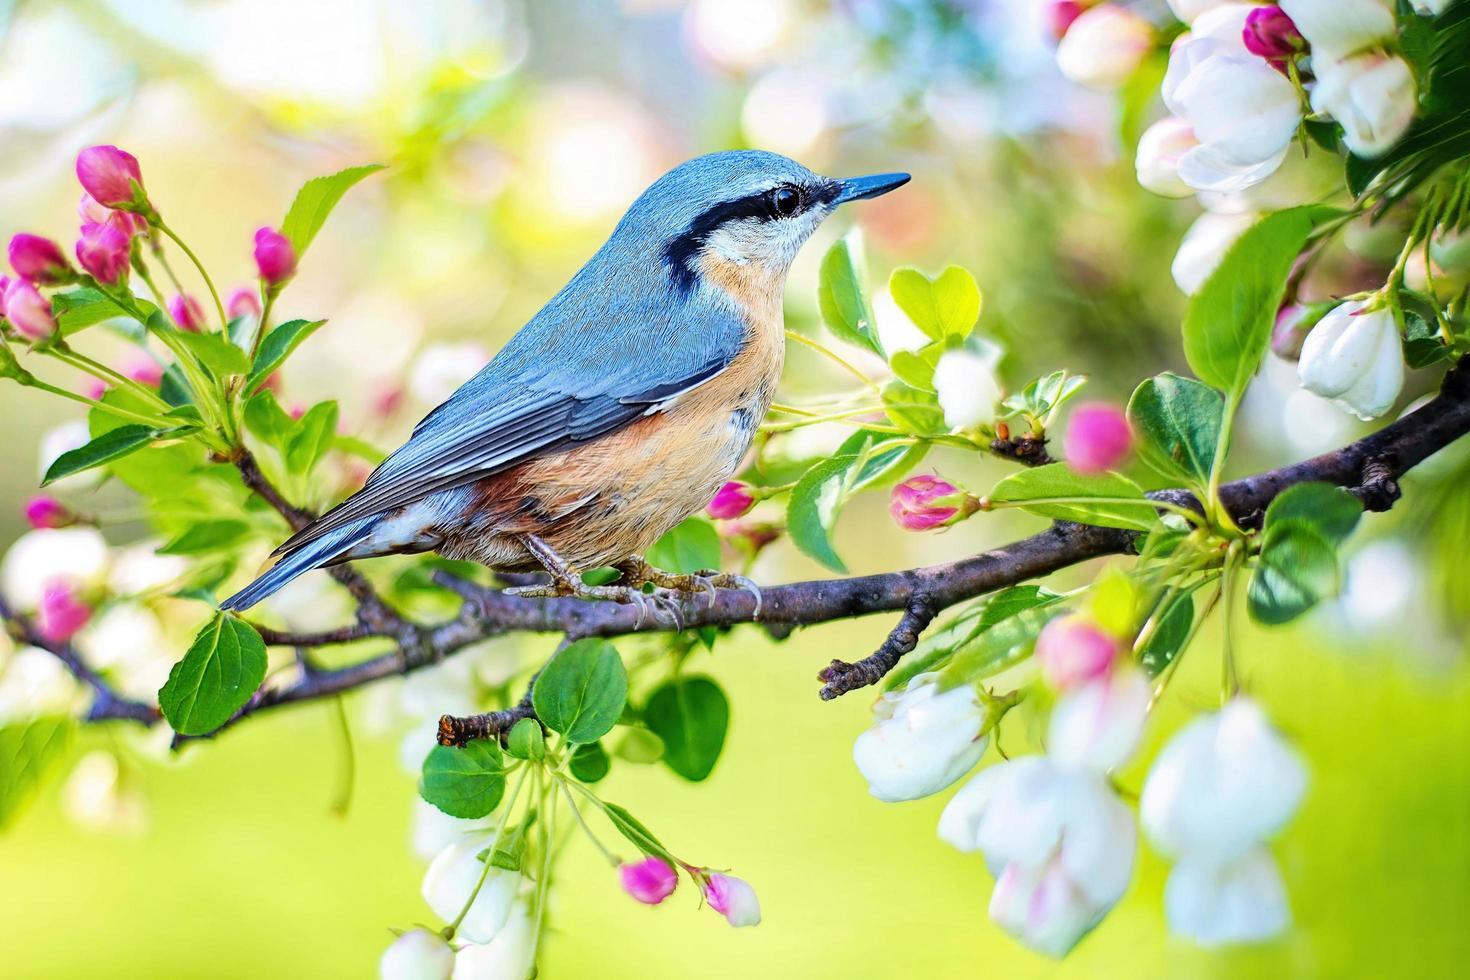 pajarito en ramita de árbol con flores foto